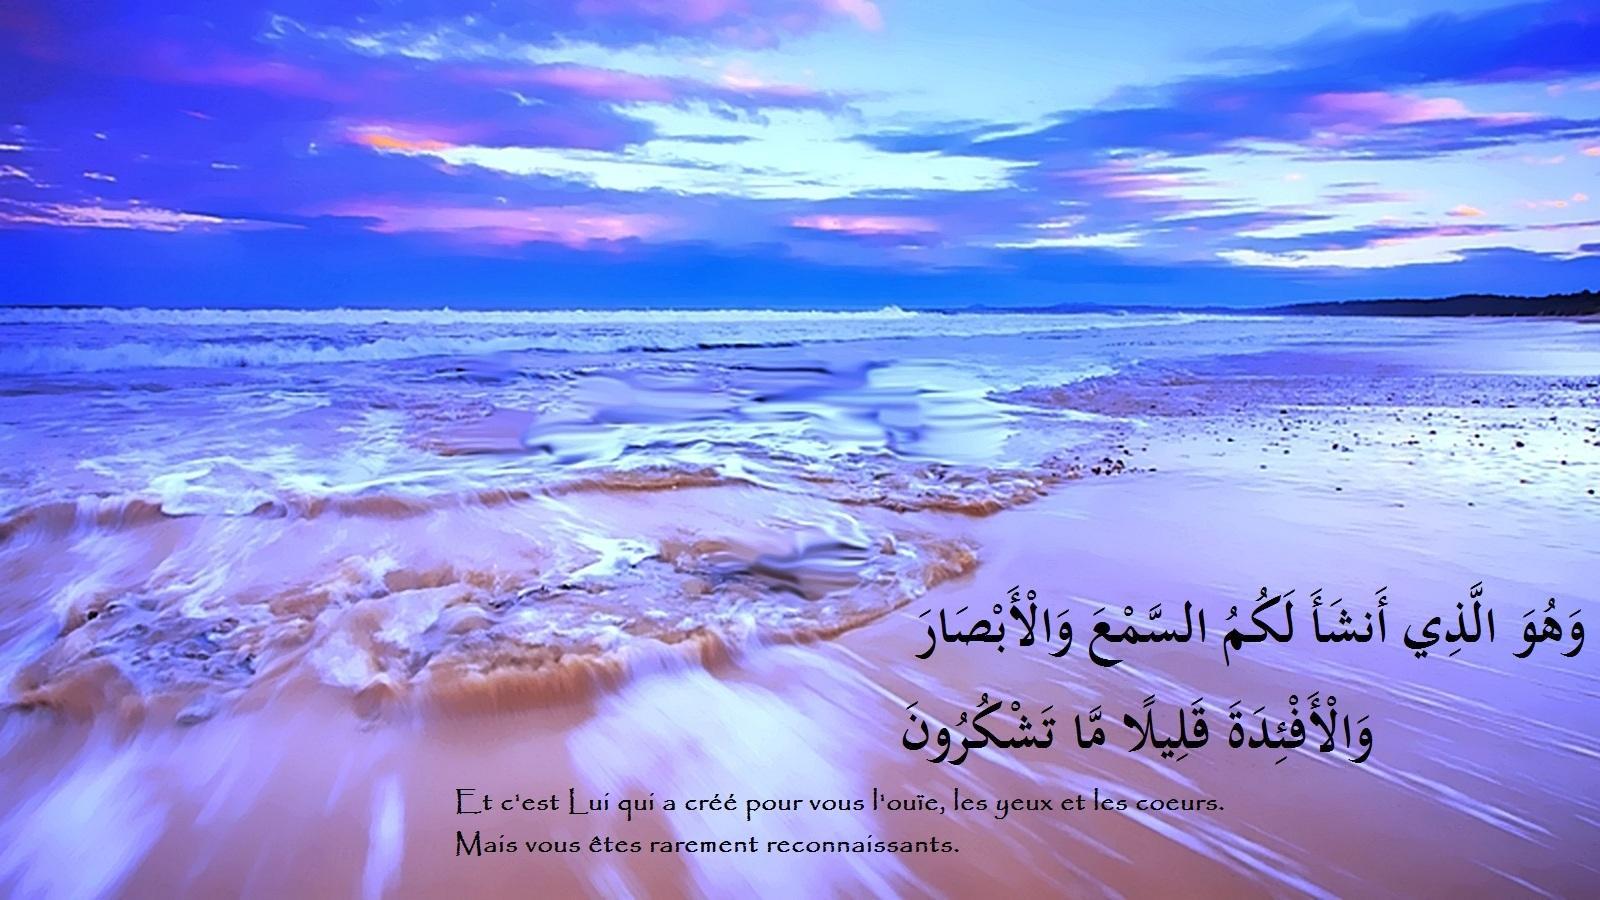 Fond ecran islam for Image fond de bureau